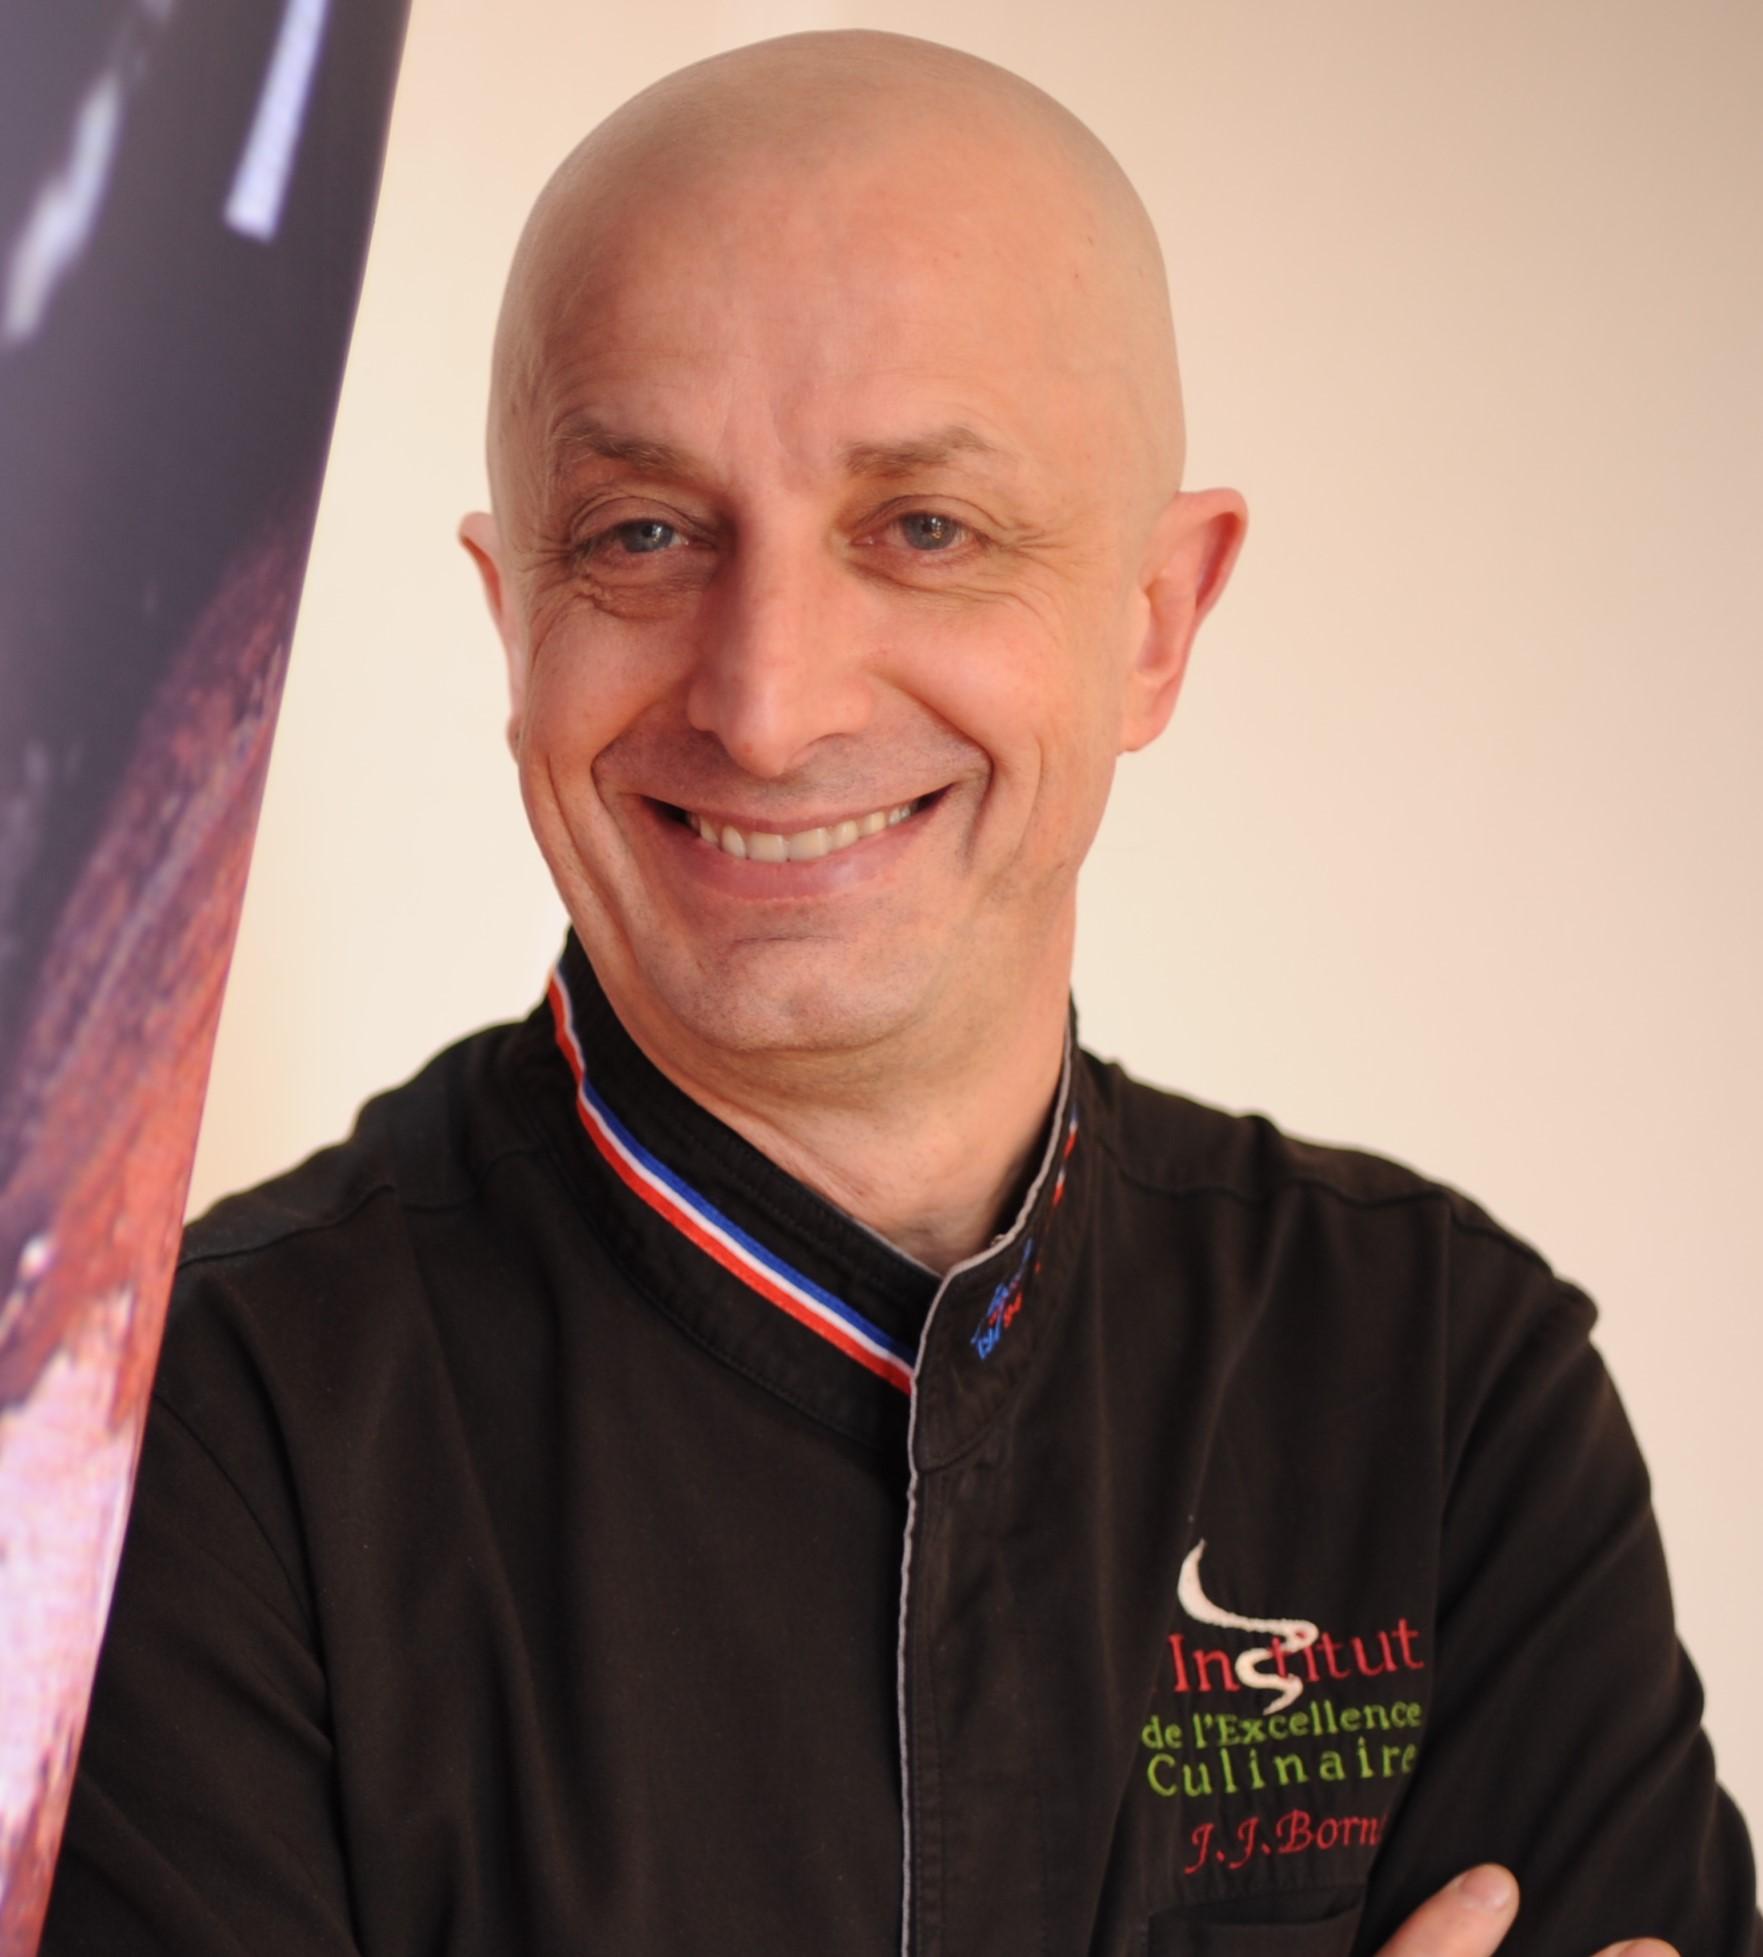 Jean Jacques Borne